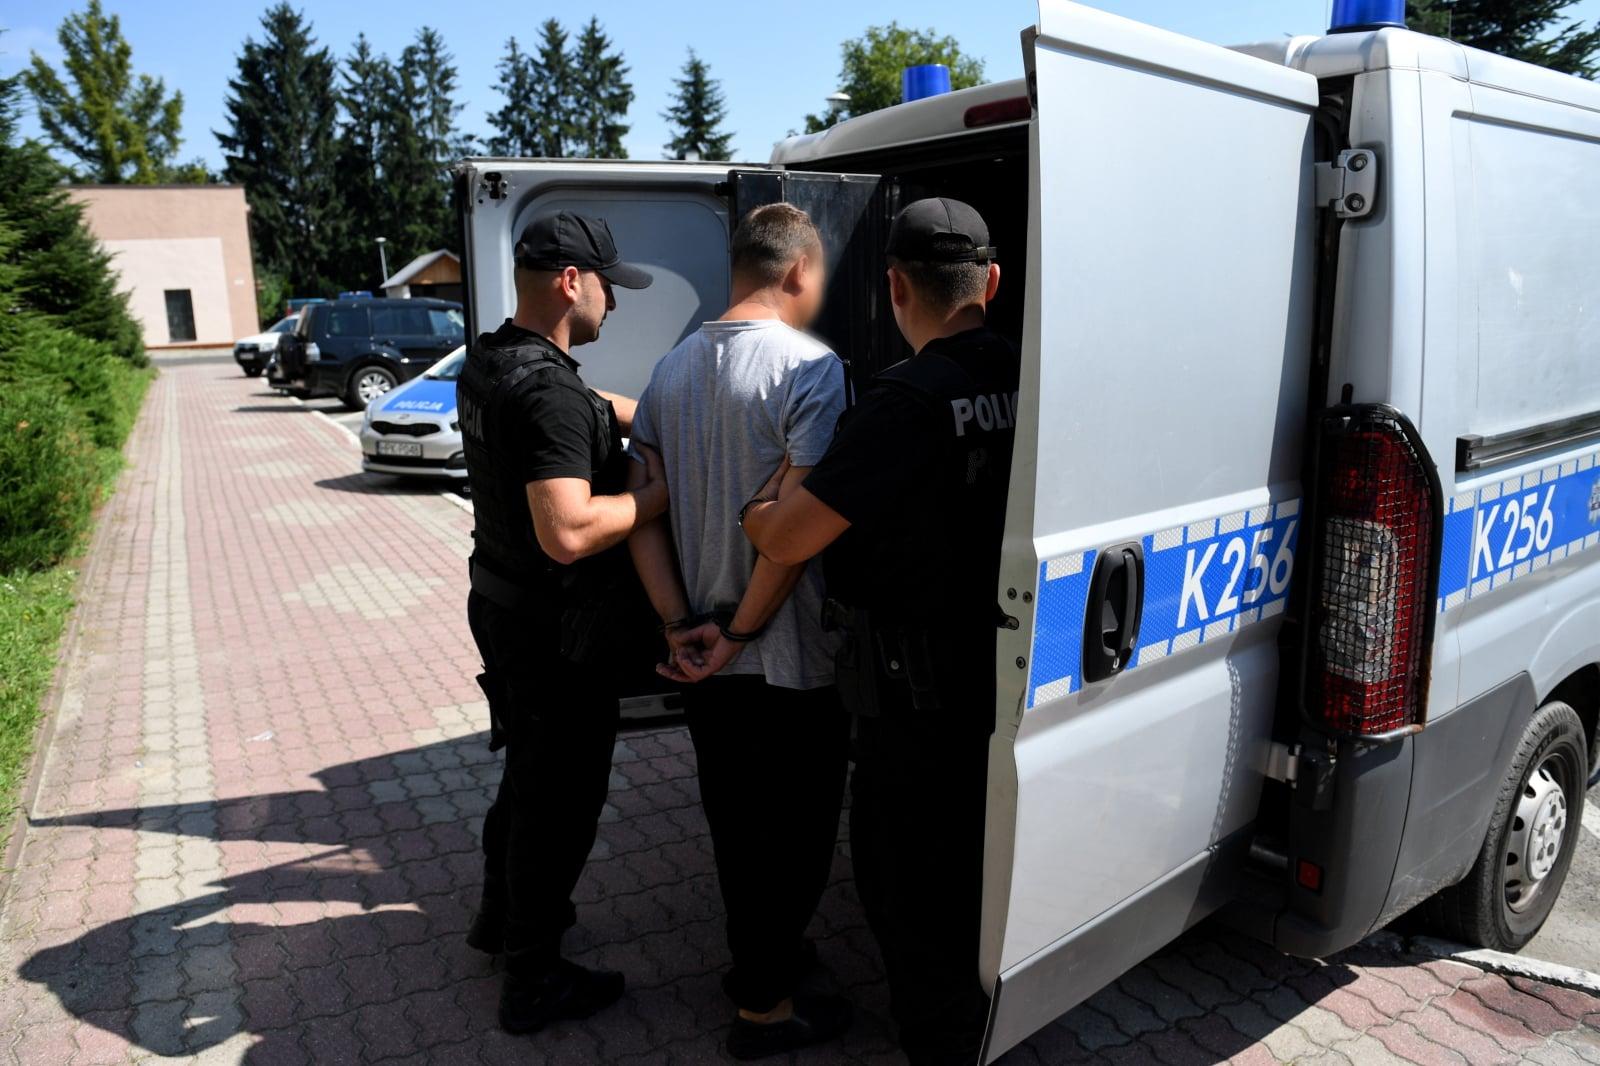 42-letni mężczyzna, któremu postawiono zarzut sprowadzenia katastrofy w ruchu drogowym w Leszczawie Dolnej (Podkarpackie), fot. PAP/Darek Delmanowicz